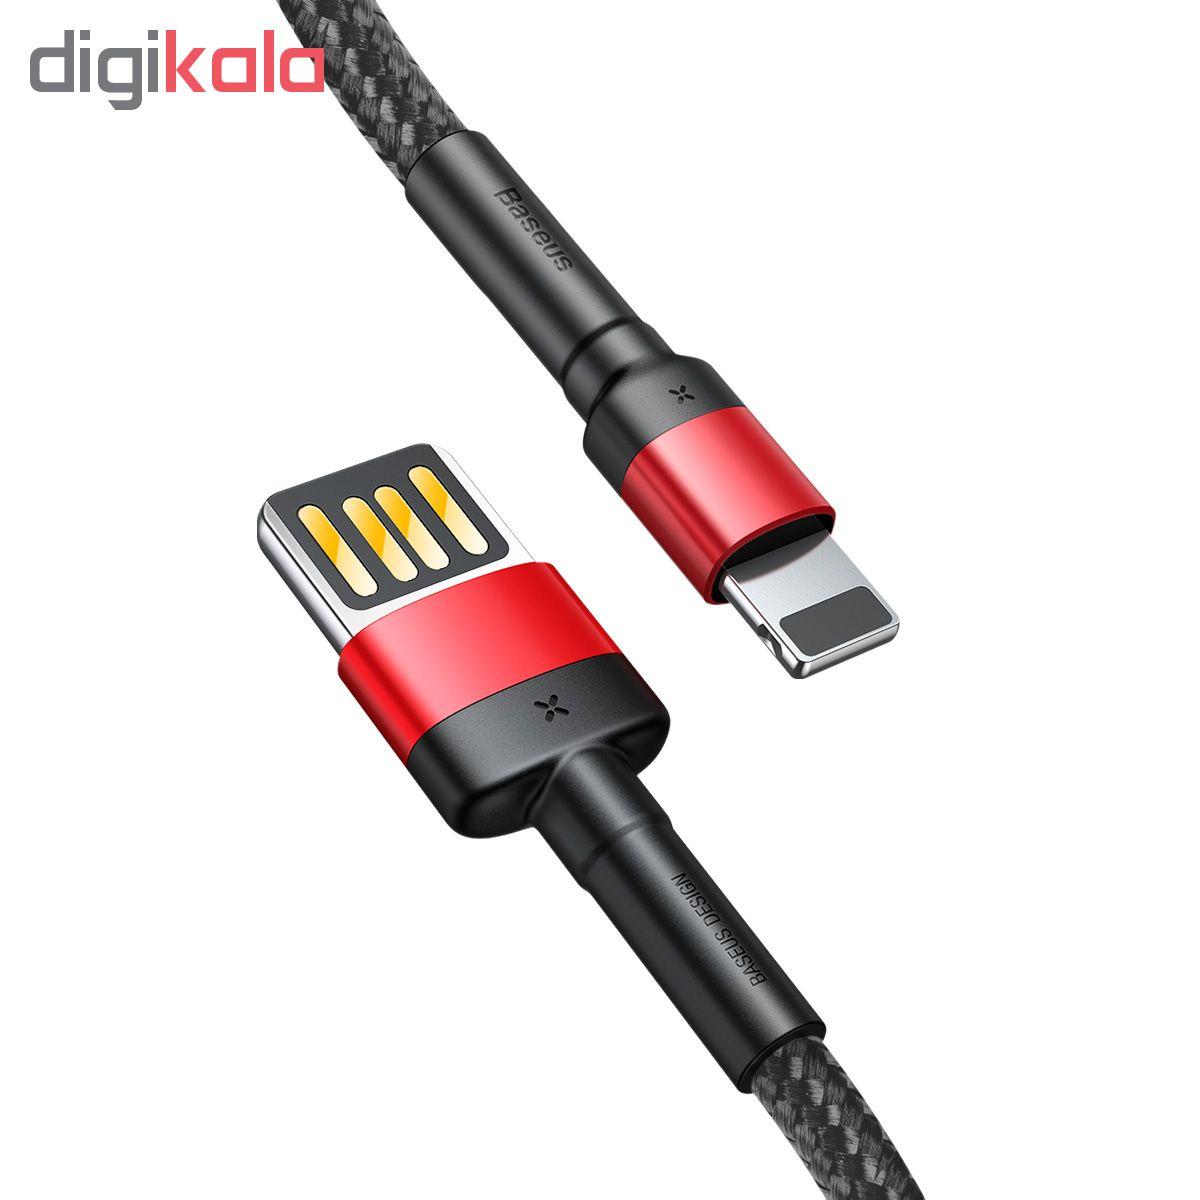 کابل تبدیل USB به لایتنینگ باسئوس مدل CALKLF-G91 طول 1متر main 1 7